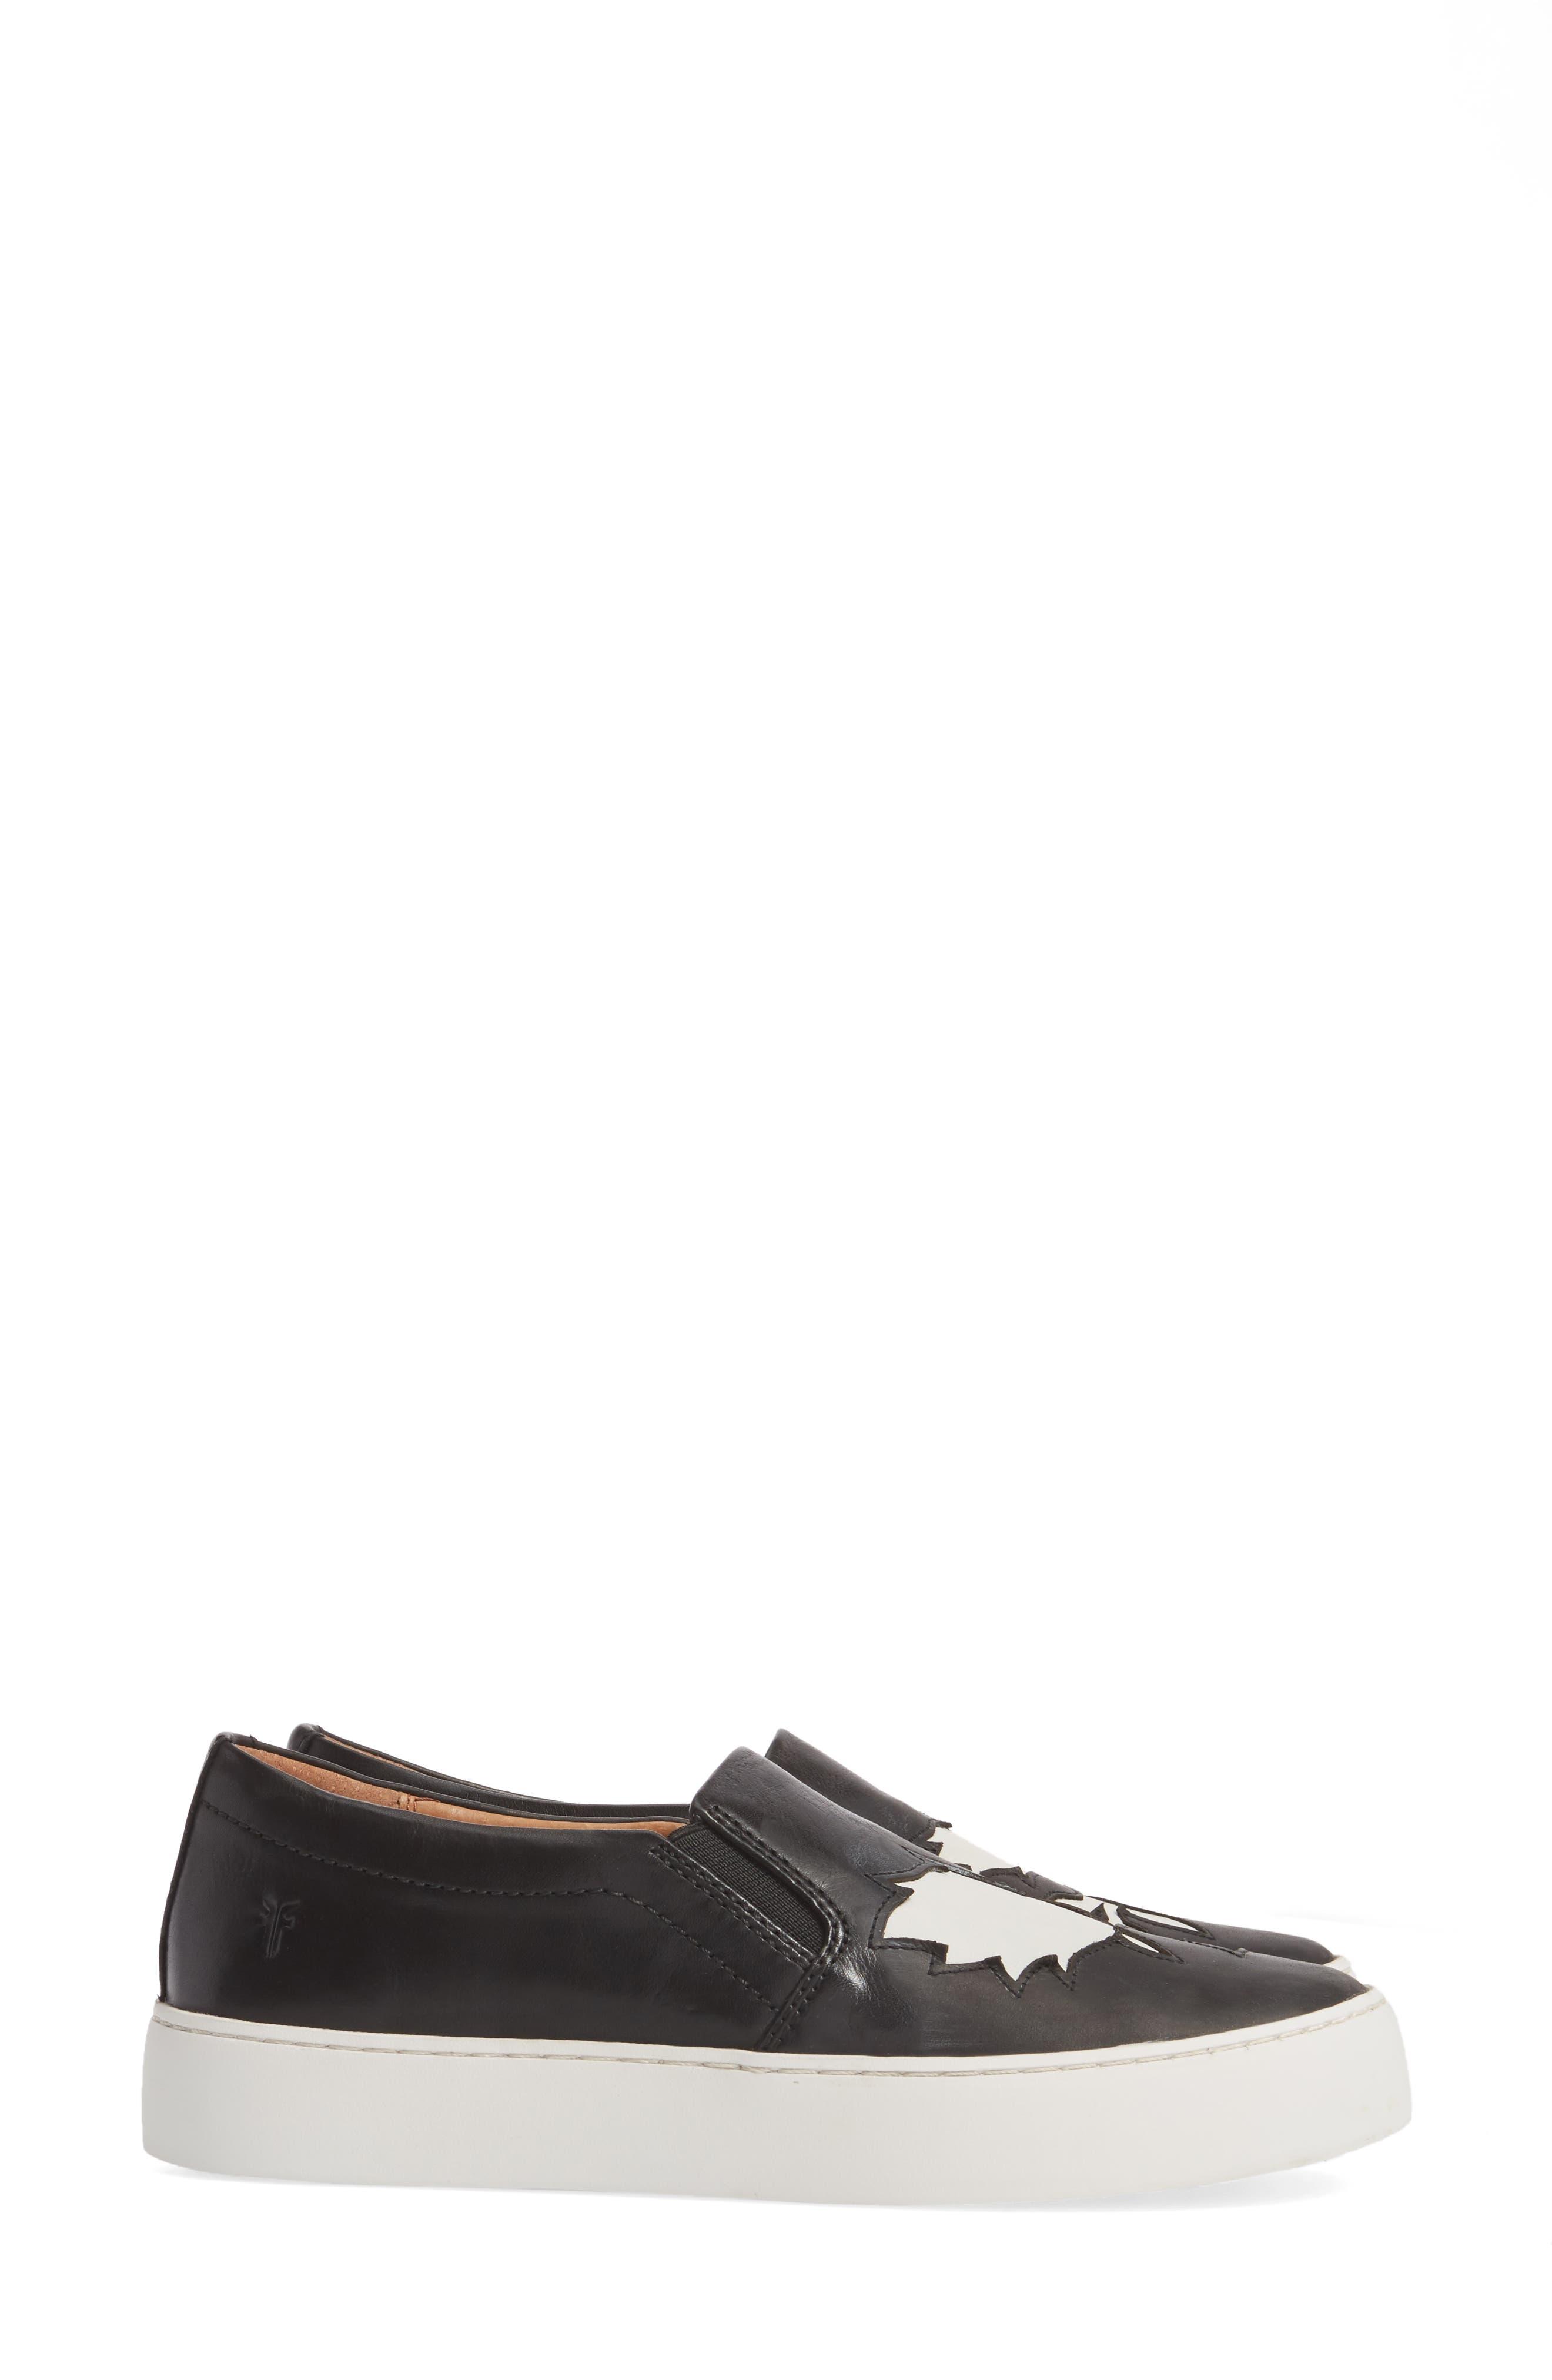 Lena Floral Slip-On Sneaker,                             Alternate thumbnail 4, color,                             001